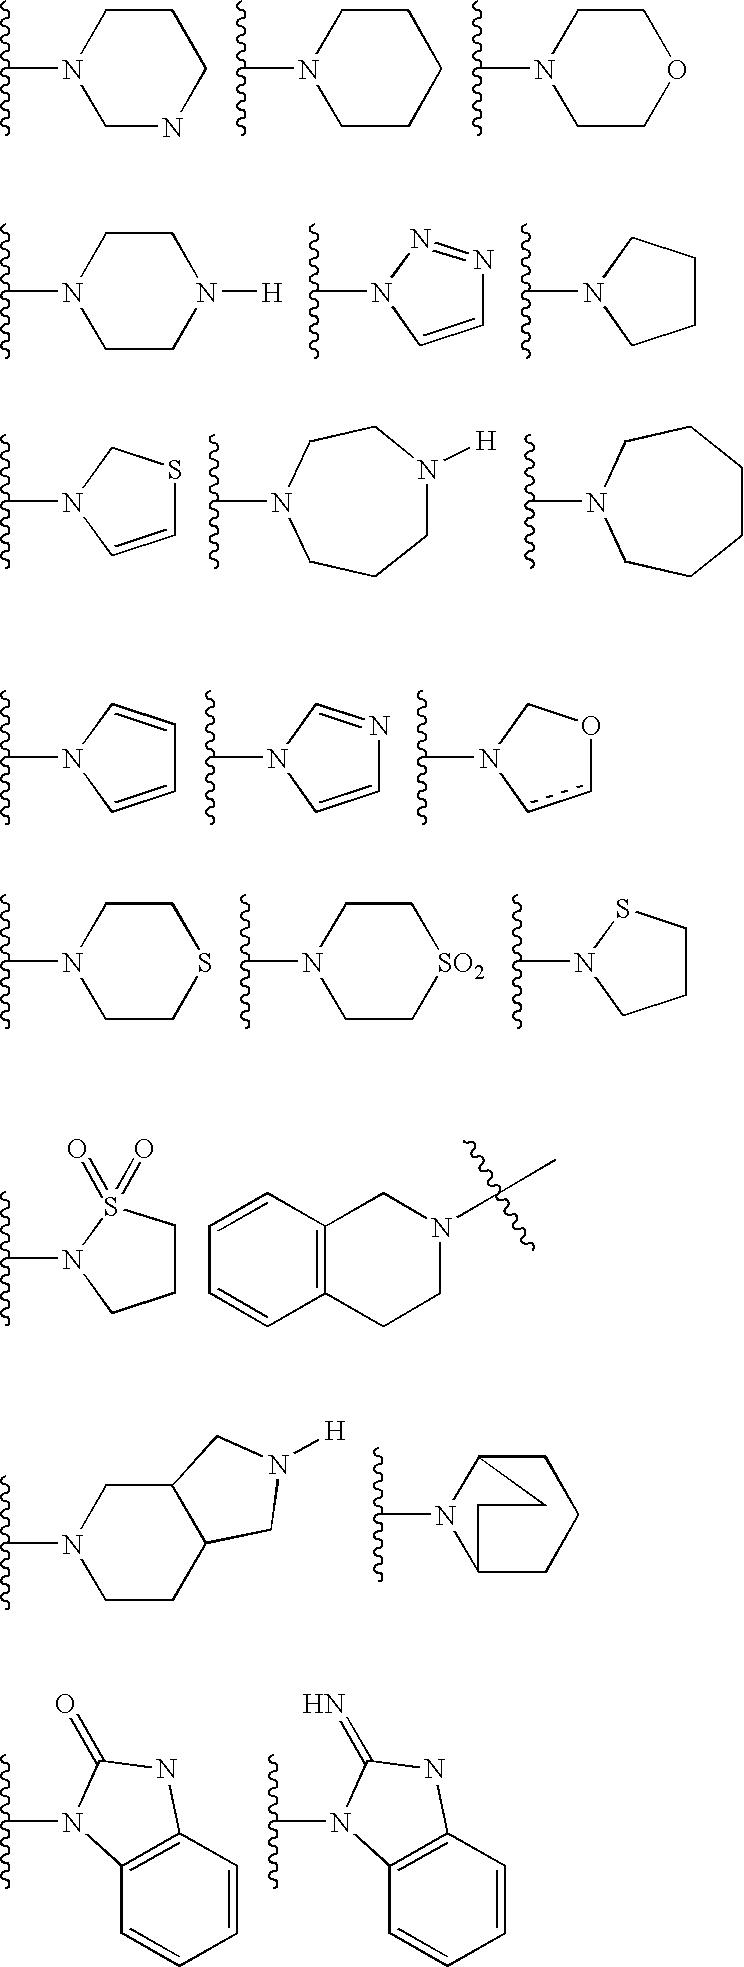 Figure US20040102360A1-20040527-C00025